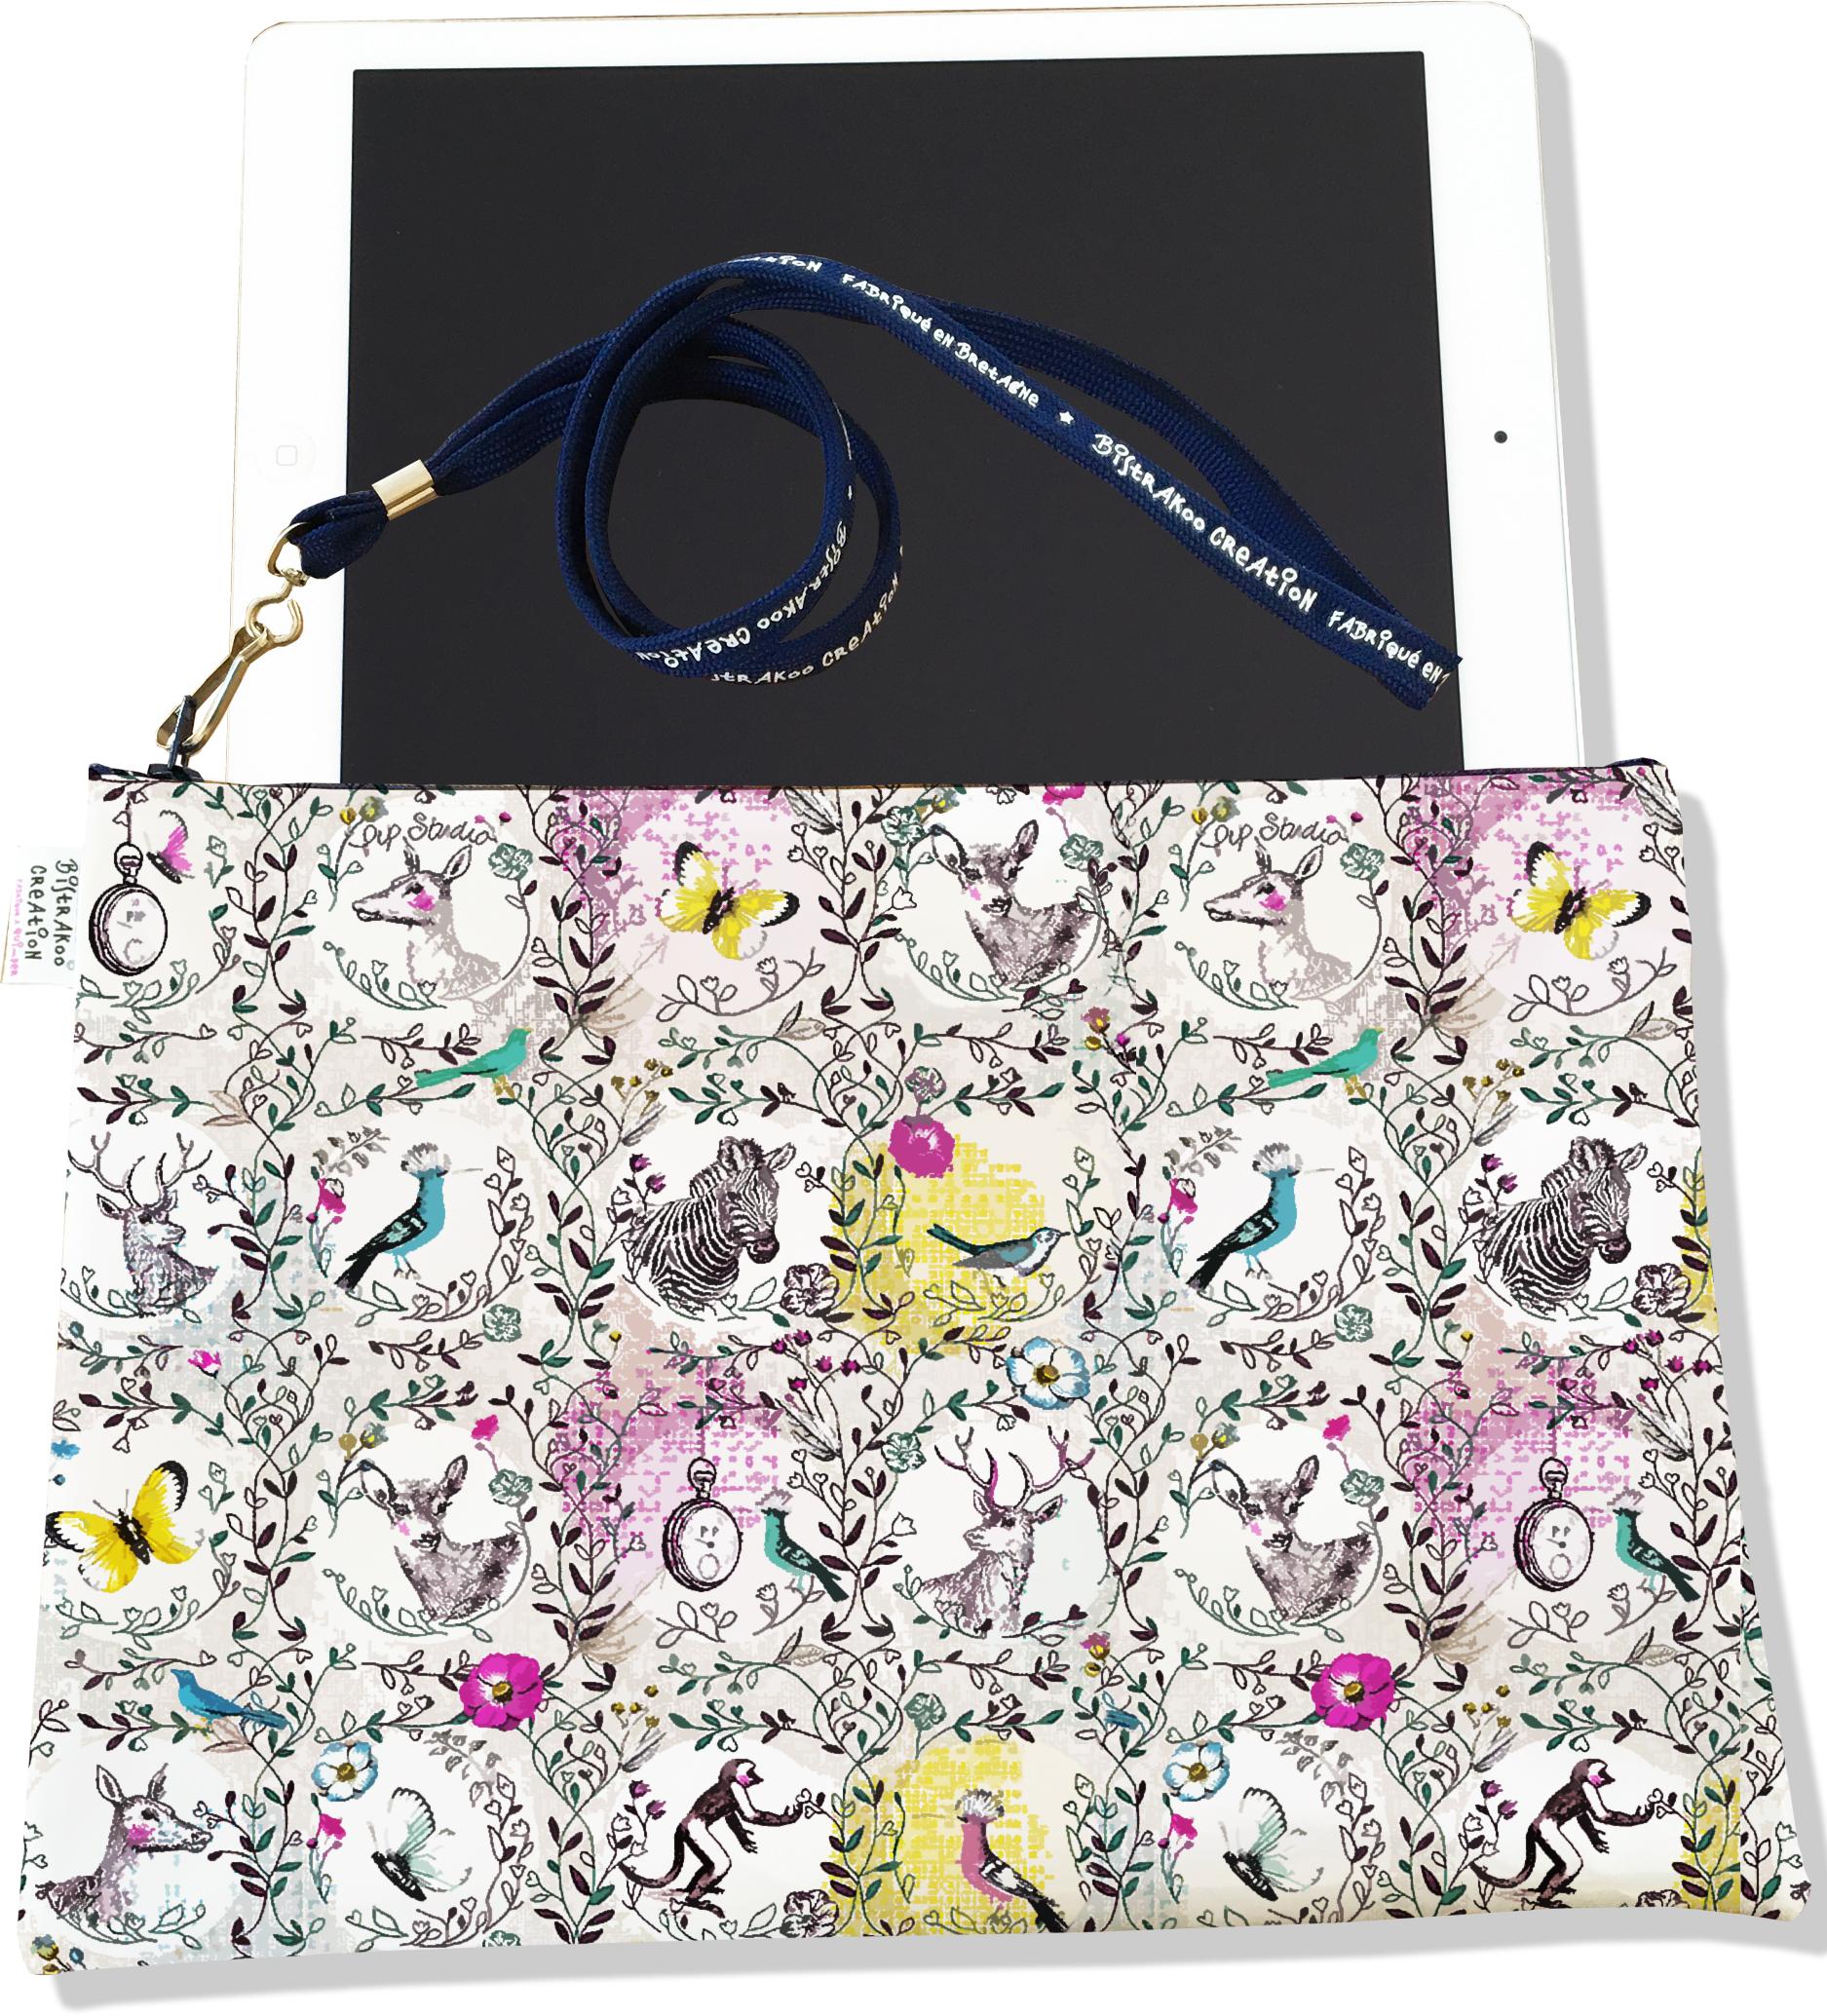 Housse pour tablette pour femme motif Floral 2221-2015